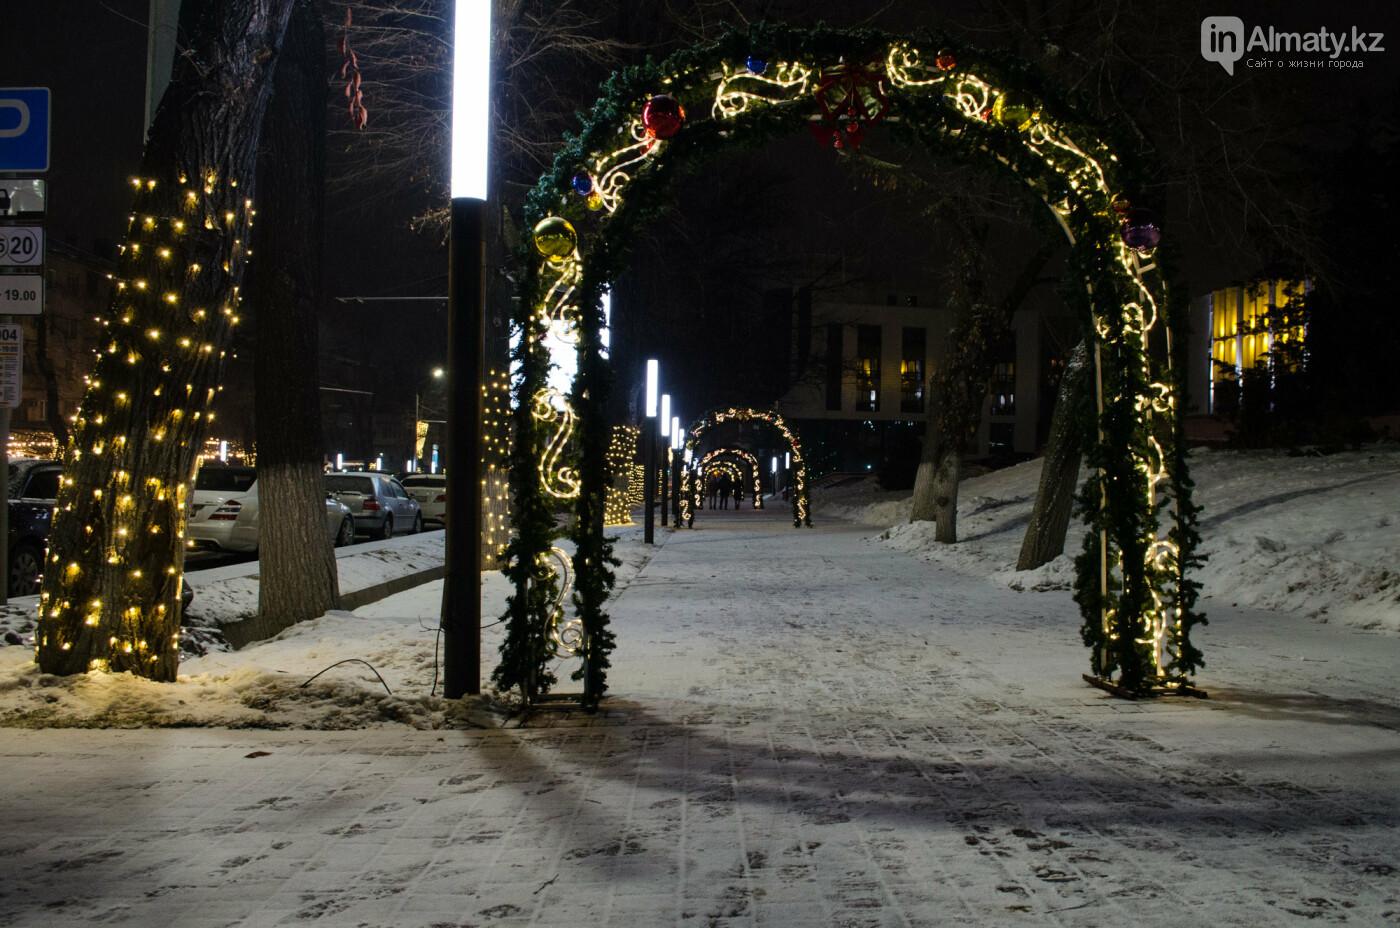 Как украшен центр Алматы к Новому году (фото), фото-13